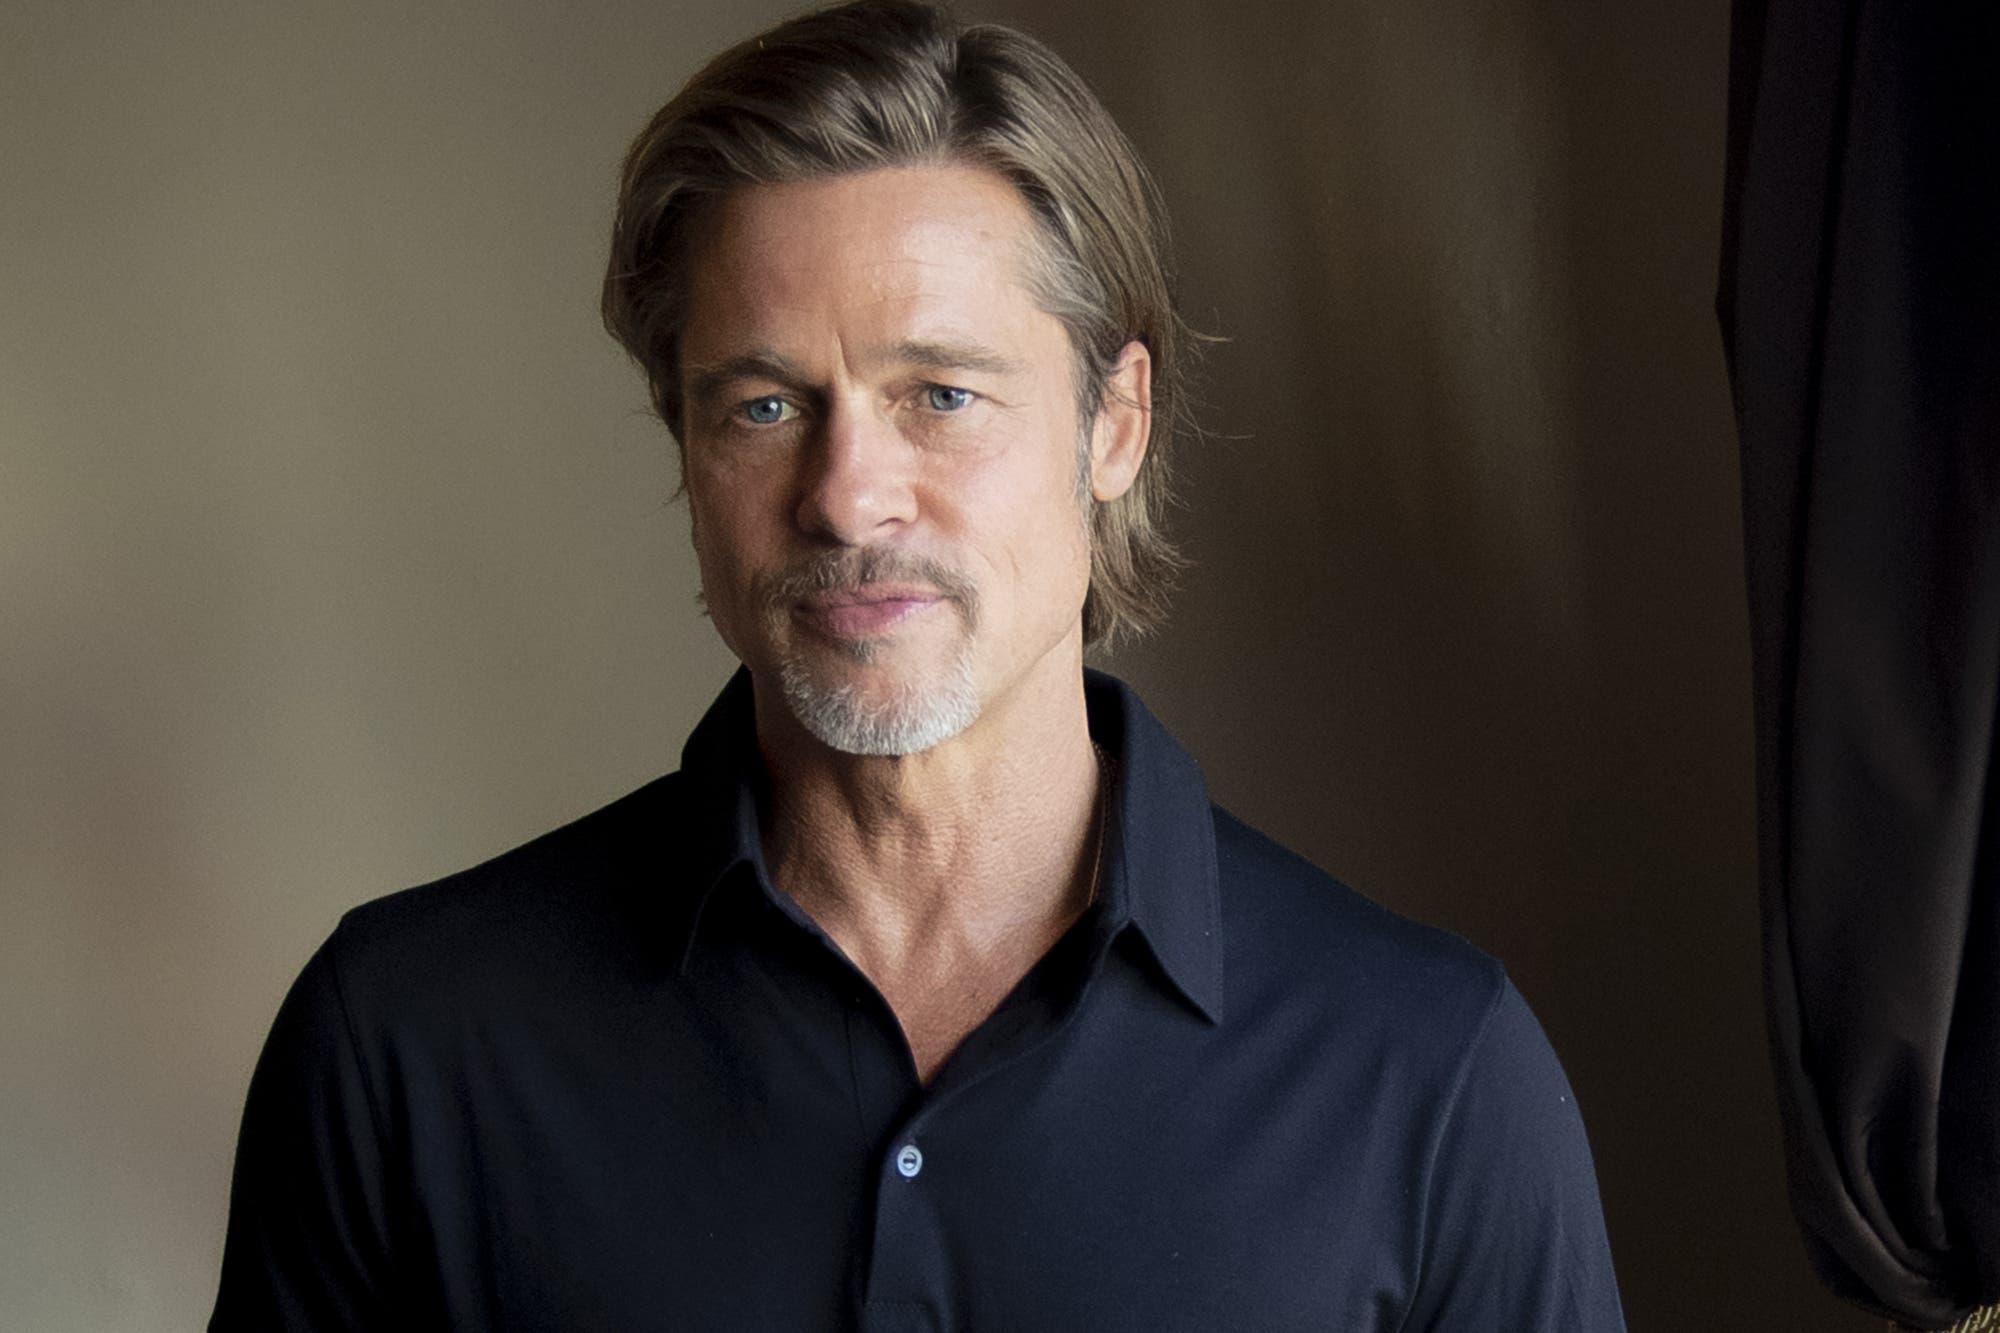 Brad Pitt Children Heartbreak: Angelina Jolie Not Spending Christmas Eve With Them?